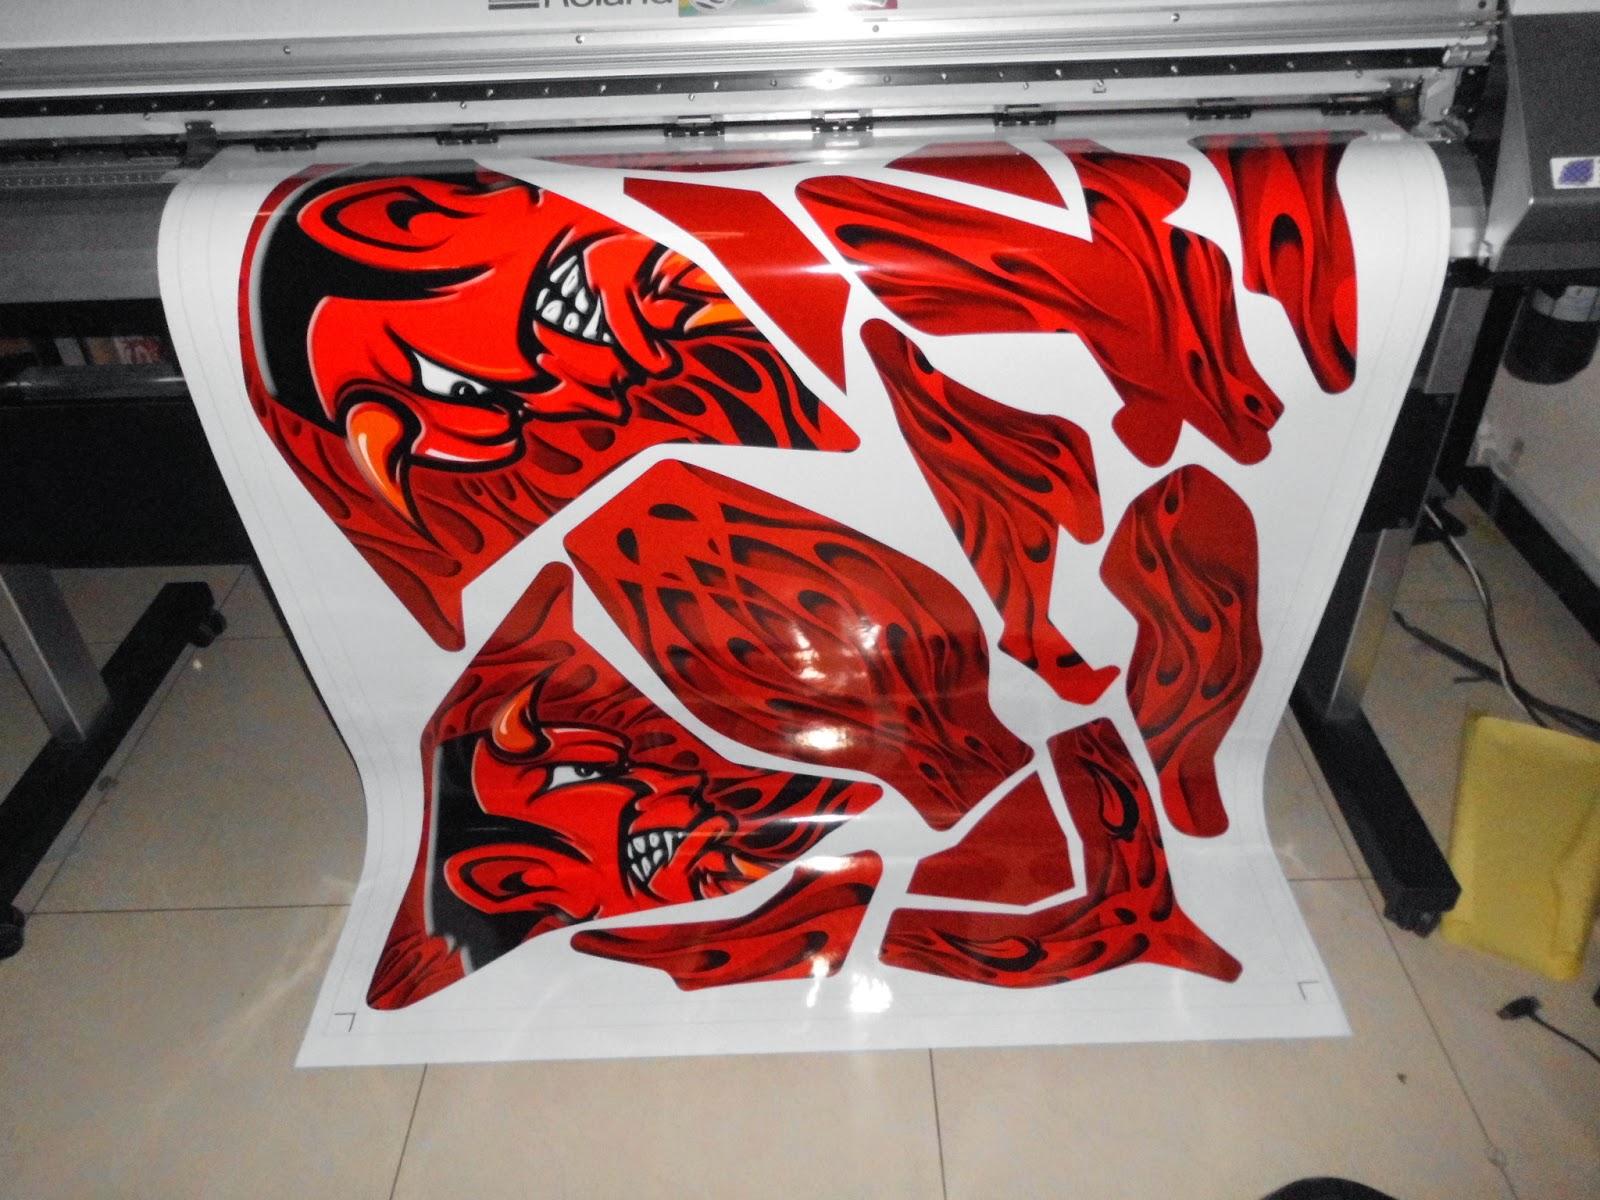 Design sticker ninja 250 - Jika Konsumen Menyetujui Proses Design Maka Langsung Masuk Dalam Antrian Proses Cetak Dan Kami Akan Mencetak Di Media Sticker Vinyl Standar Otomotif Yang